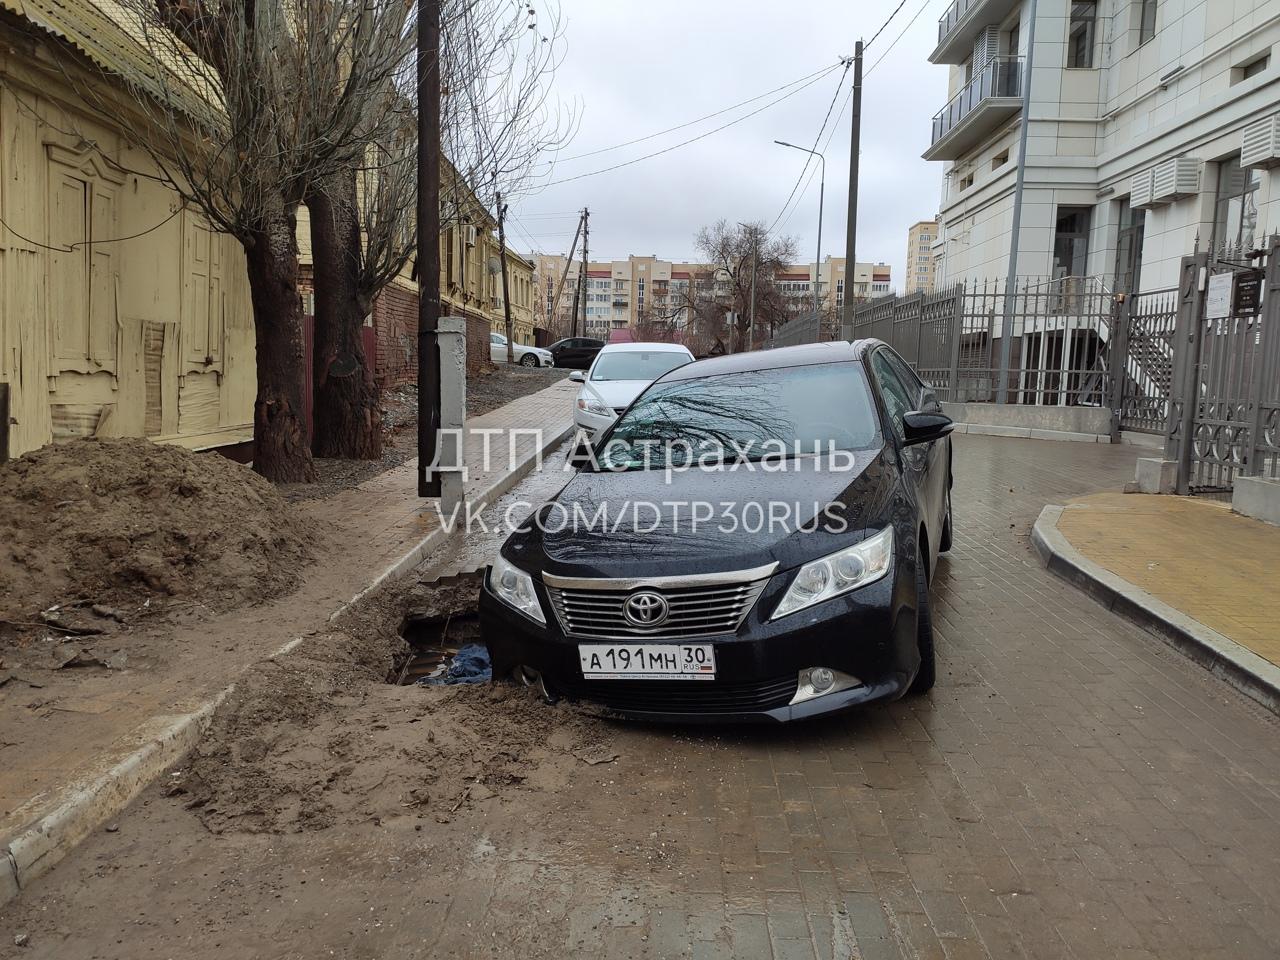 В Астрахани очередная машина провалилась в дыру